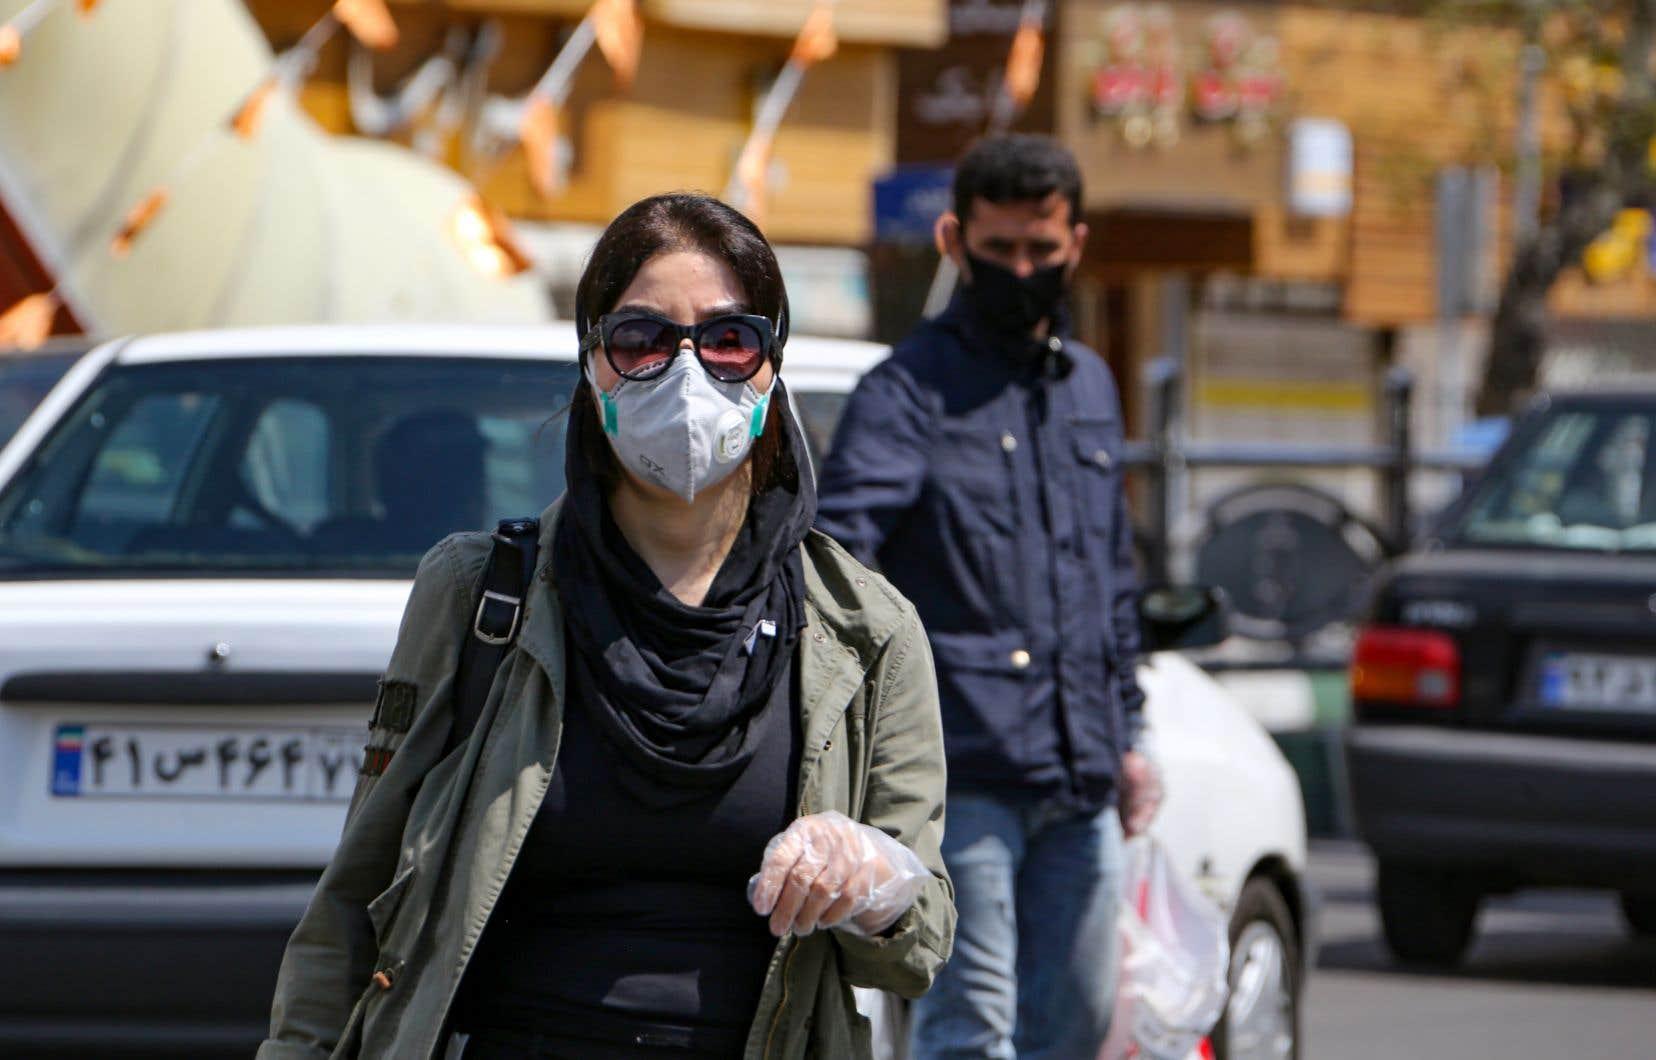 Certaines entreprises pourront reprendre le travail à partir du 11avril dans les provinces, tandis qu'à Téhéran, l'activité ne pourra recommencer que le 18avril.